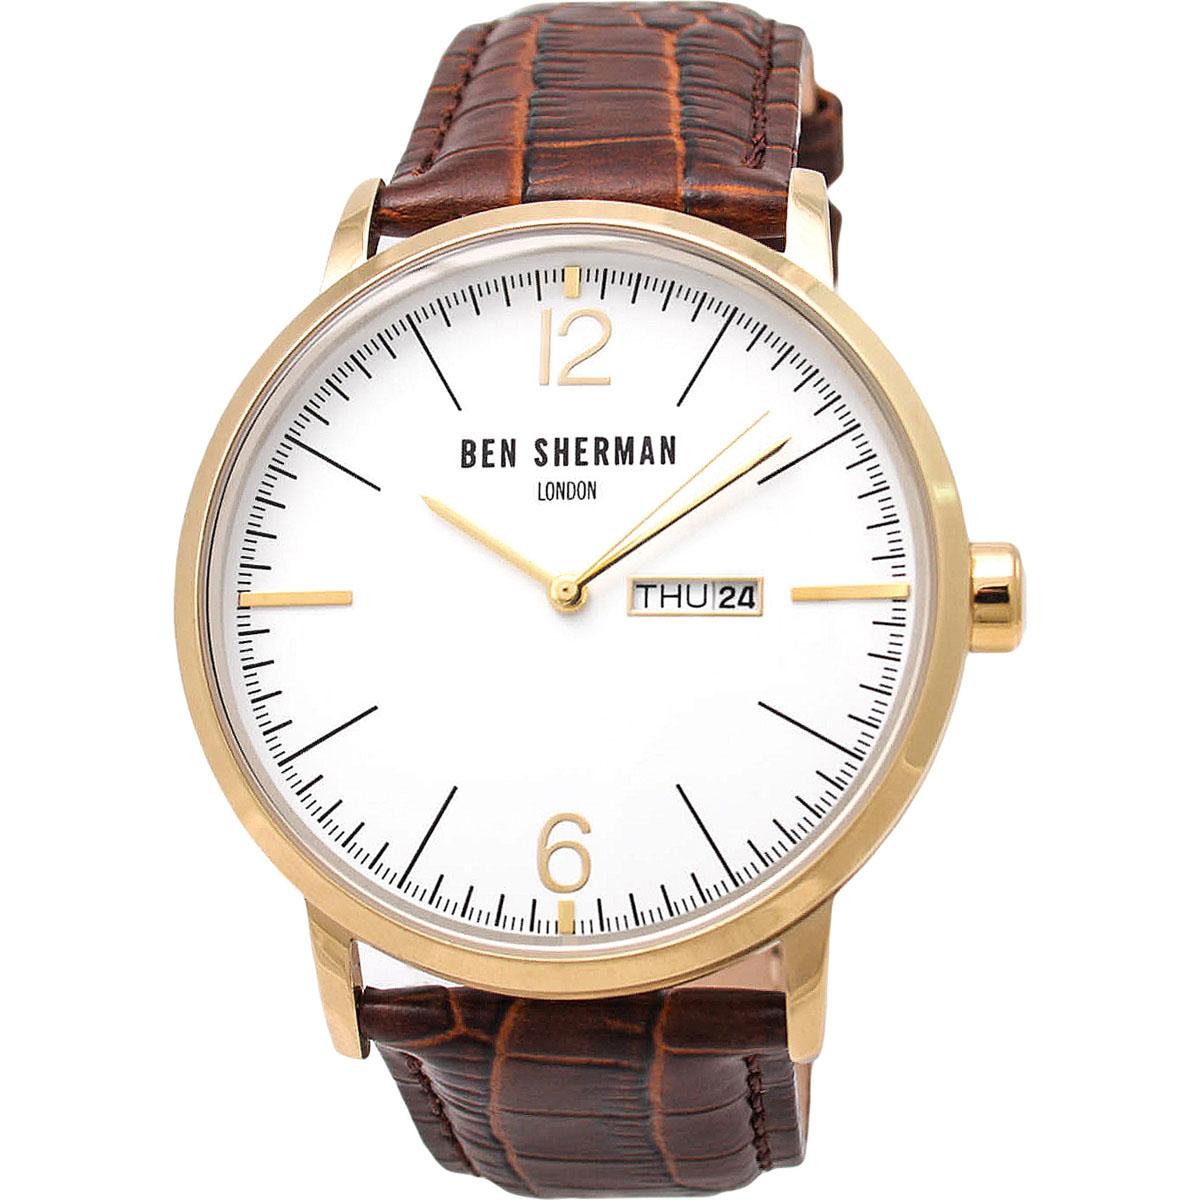 Наручные часы мужские Ben Sherman, цвет: коричневый. WB046TGWB046TGТрехстрелочный механизм Miyota 2105 c датой и днем недели; IPG-покрытие; Размер корпуса 45 мм; Минеральное стекло; Белый матовый циферблат; Коричневый ремешок из натуральной кожи; Водозащита 3 ATM